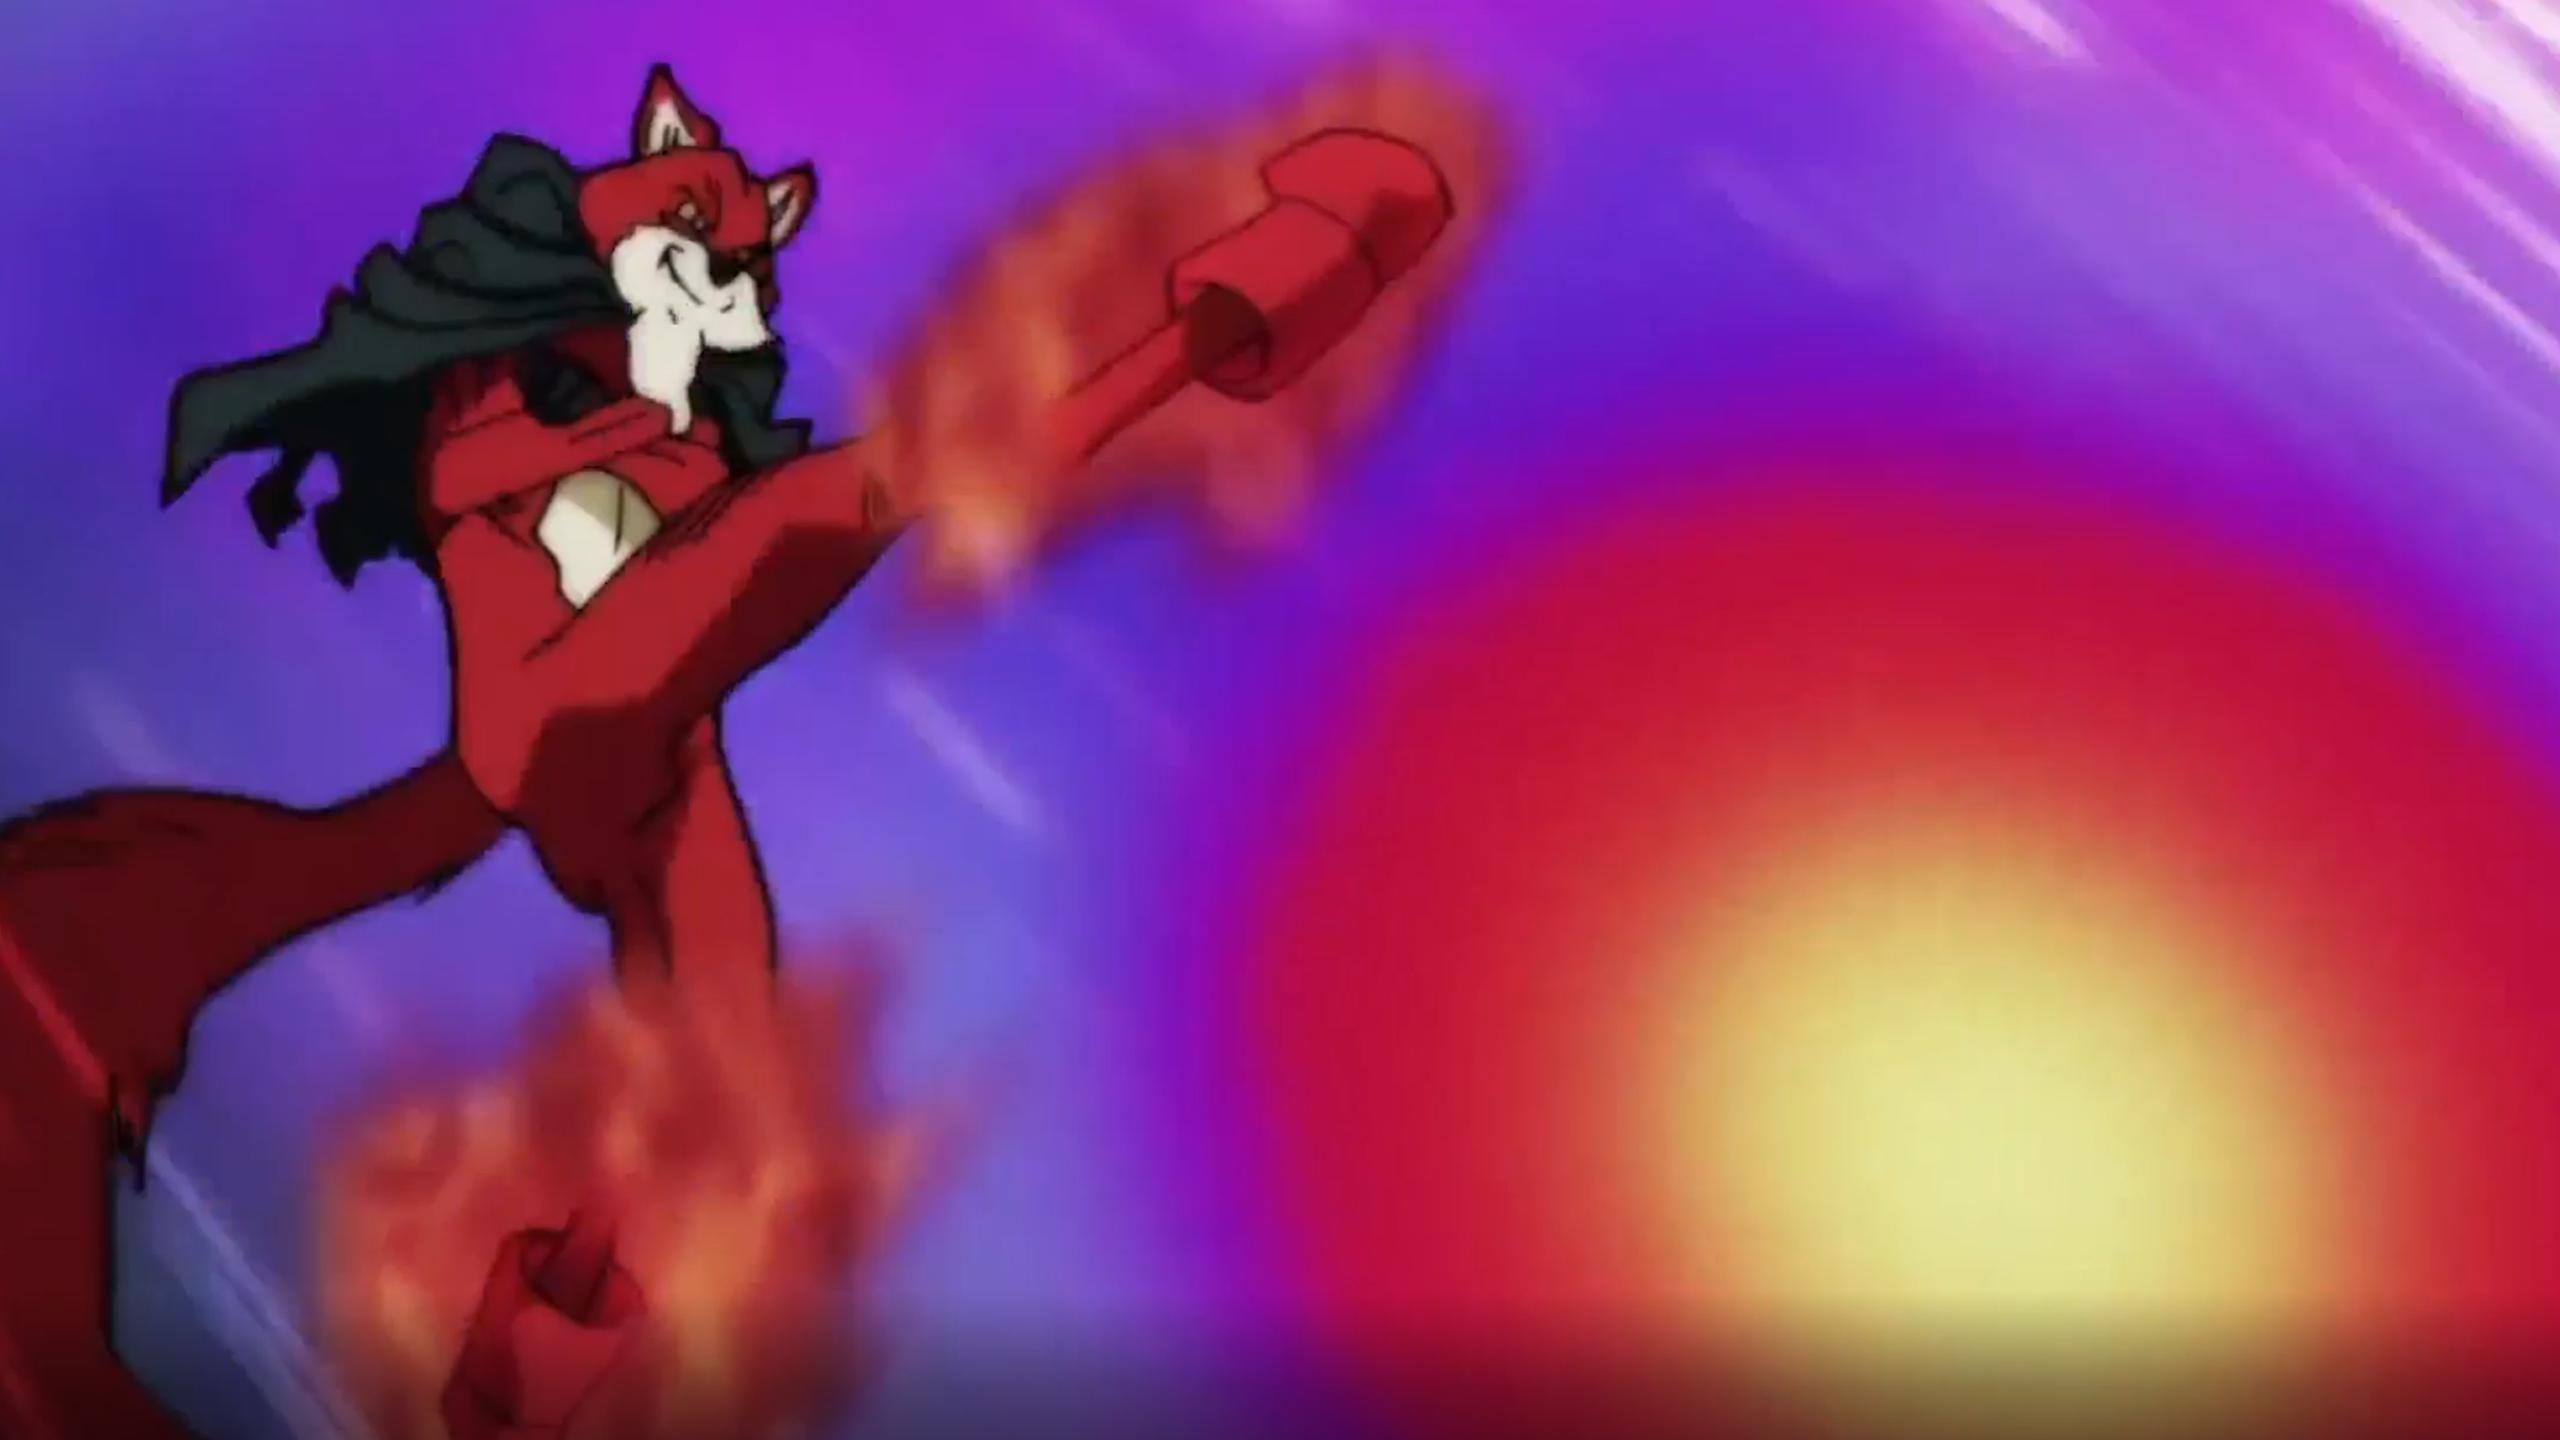 Shining Blaster